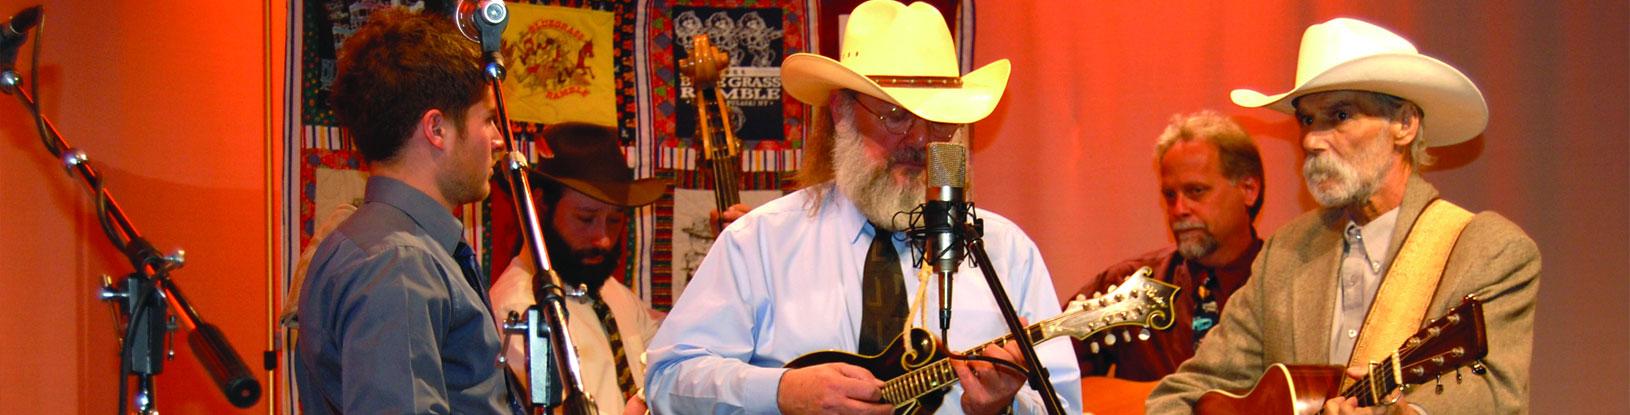 Bill Knowlton's Bluegrass Ramble Barn Dance